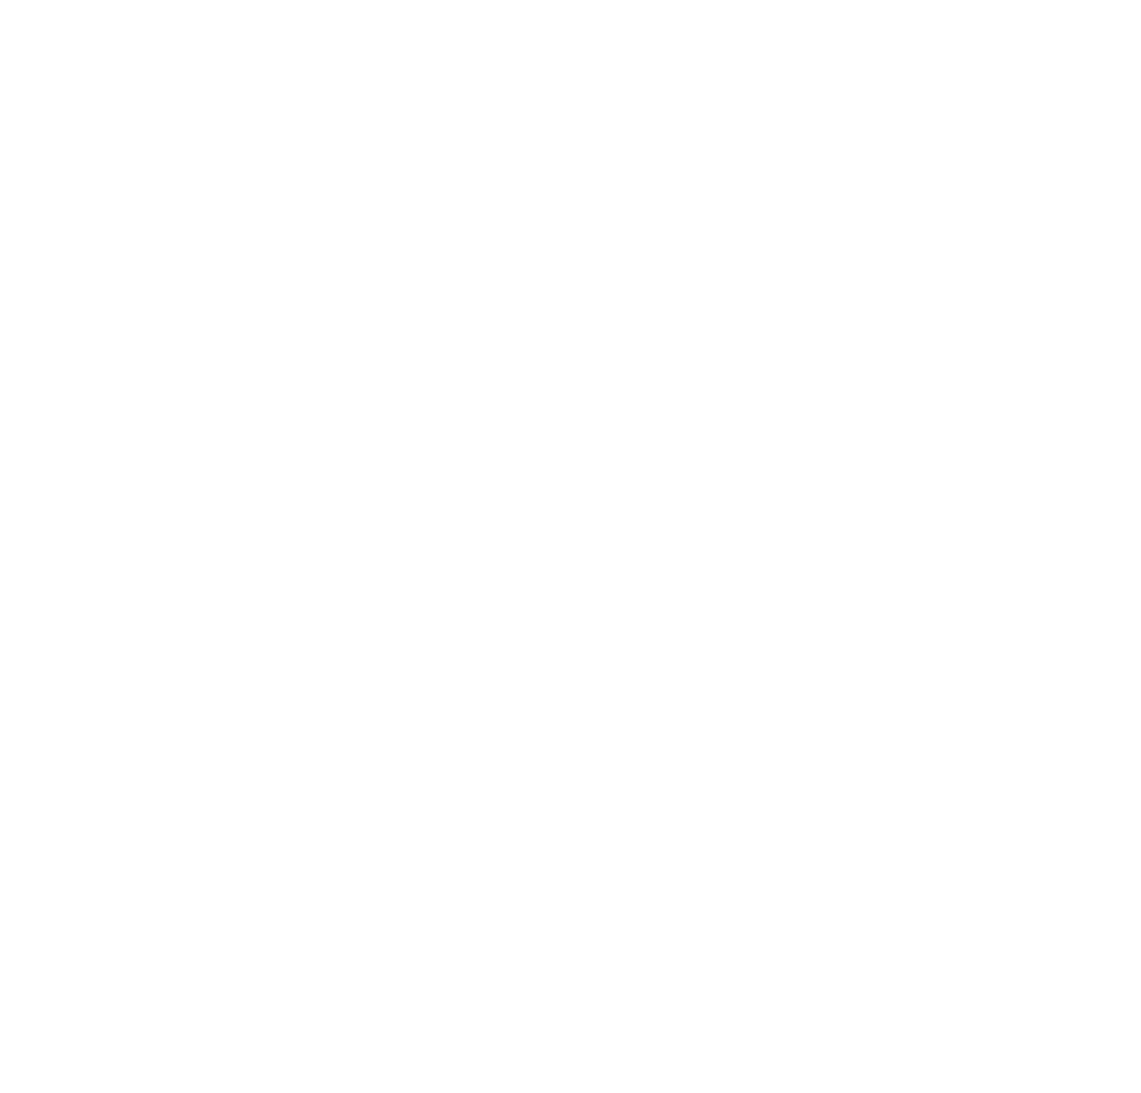 logo blanc de la sécurité sociale'